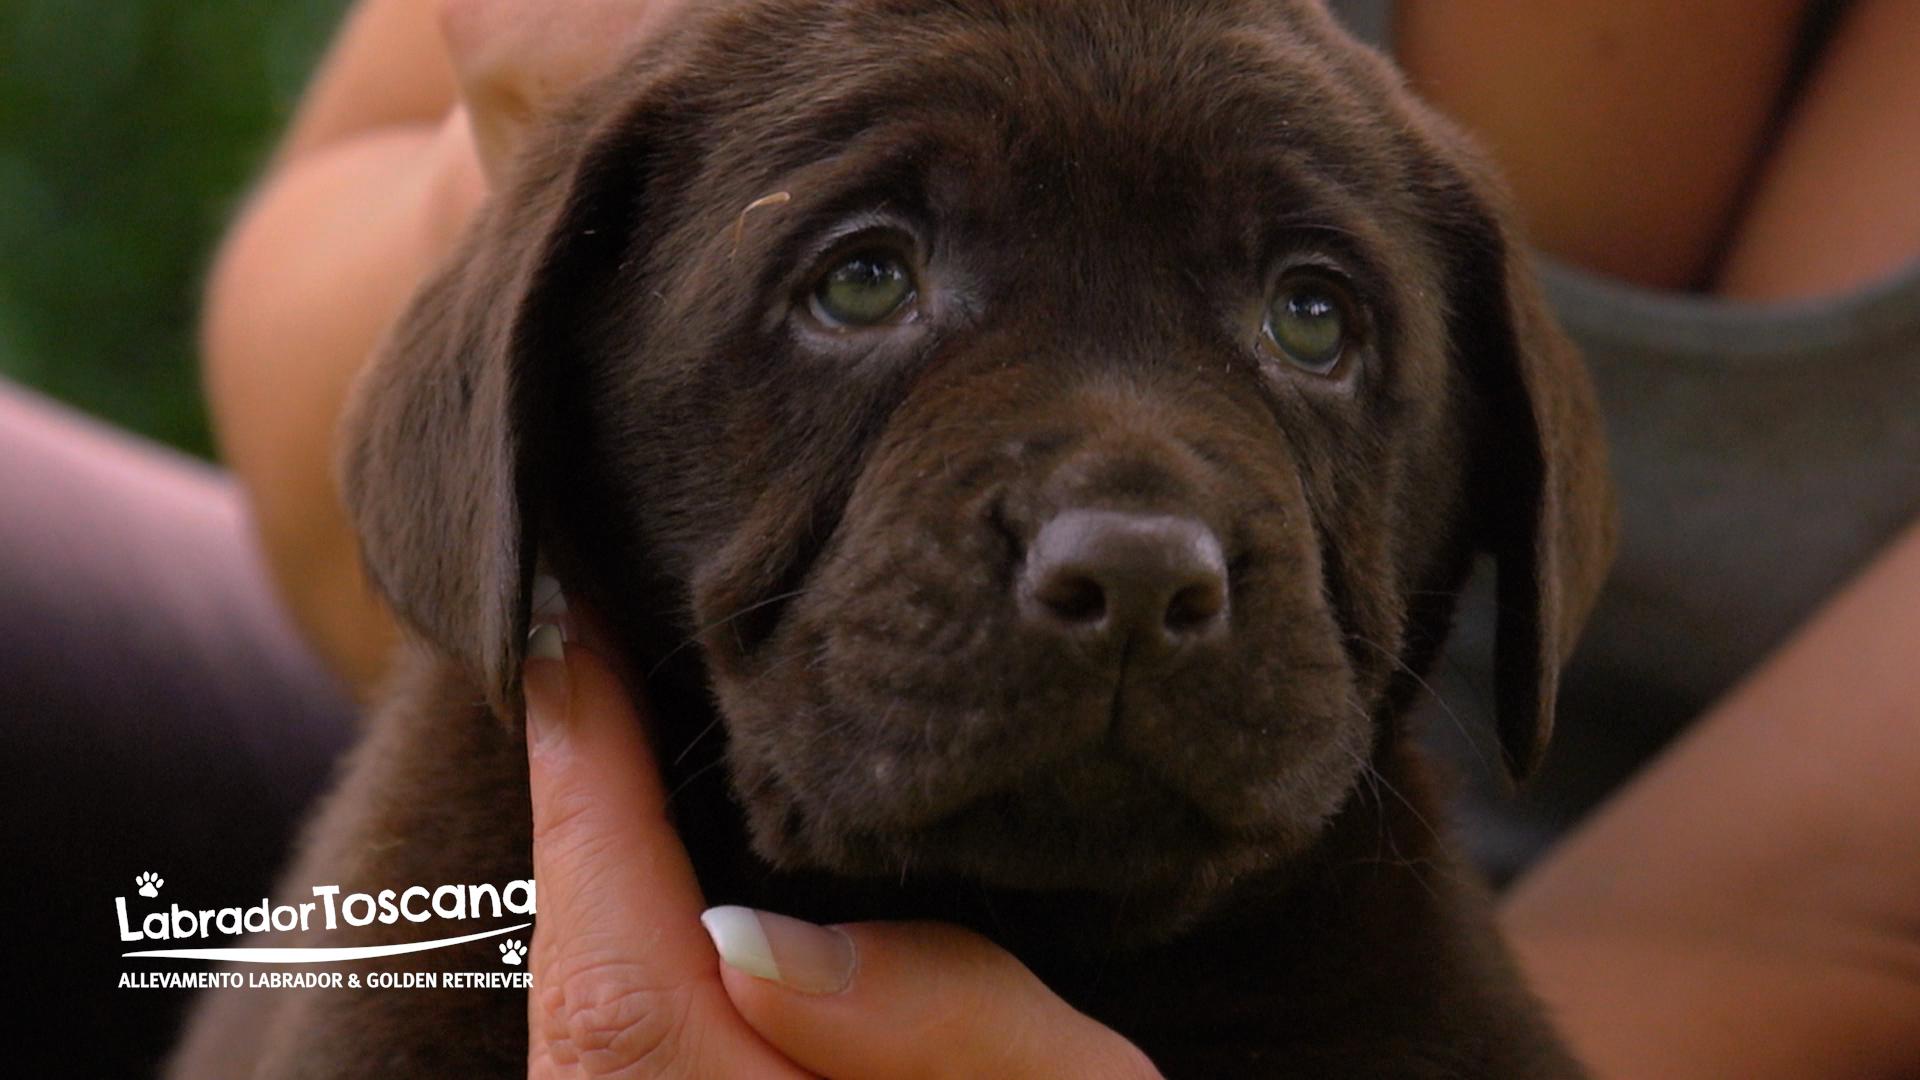 Home Labrador Toscana Allevamento Labrador E Golden Retriever